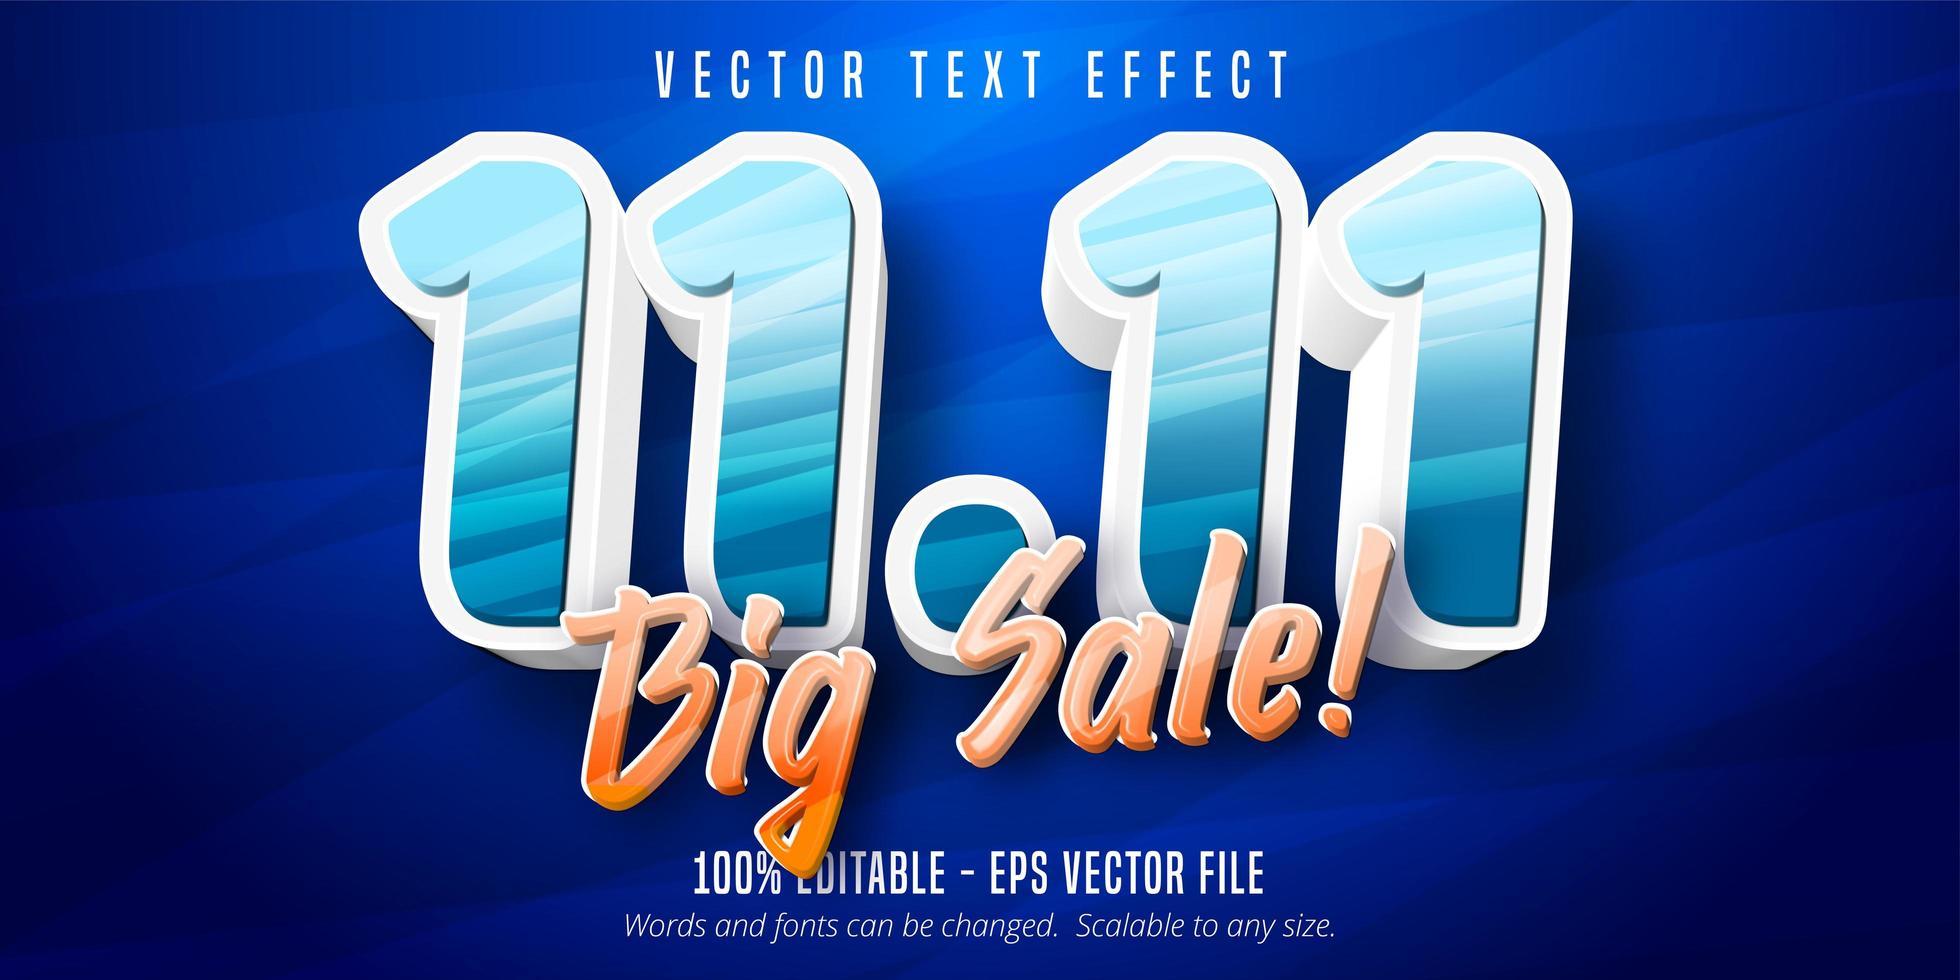 11.11 stor försäljningstext redigerbar texteffekt vektor